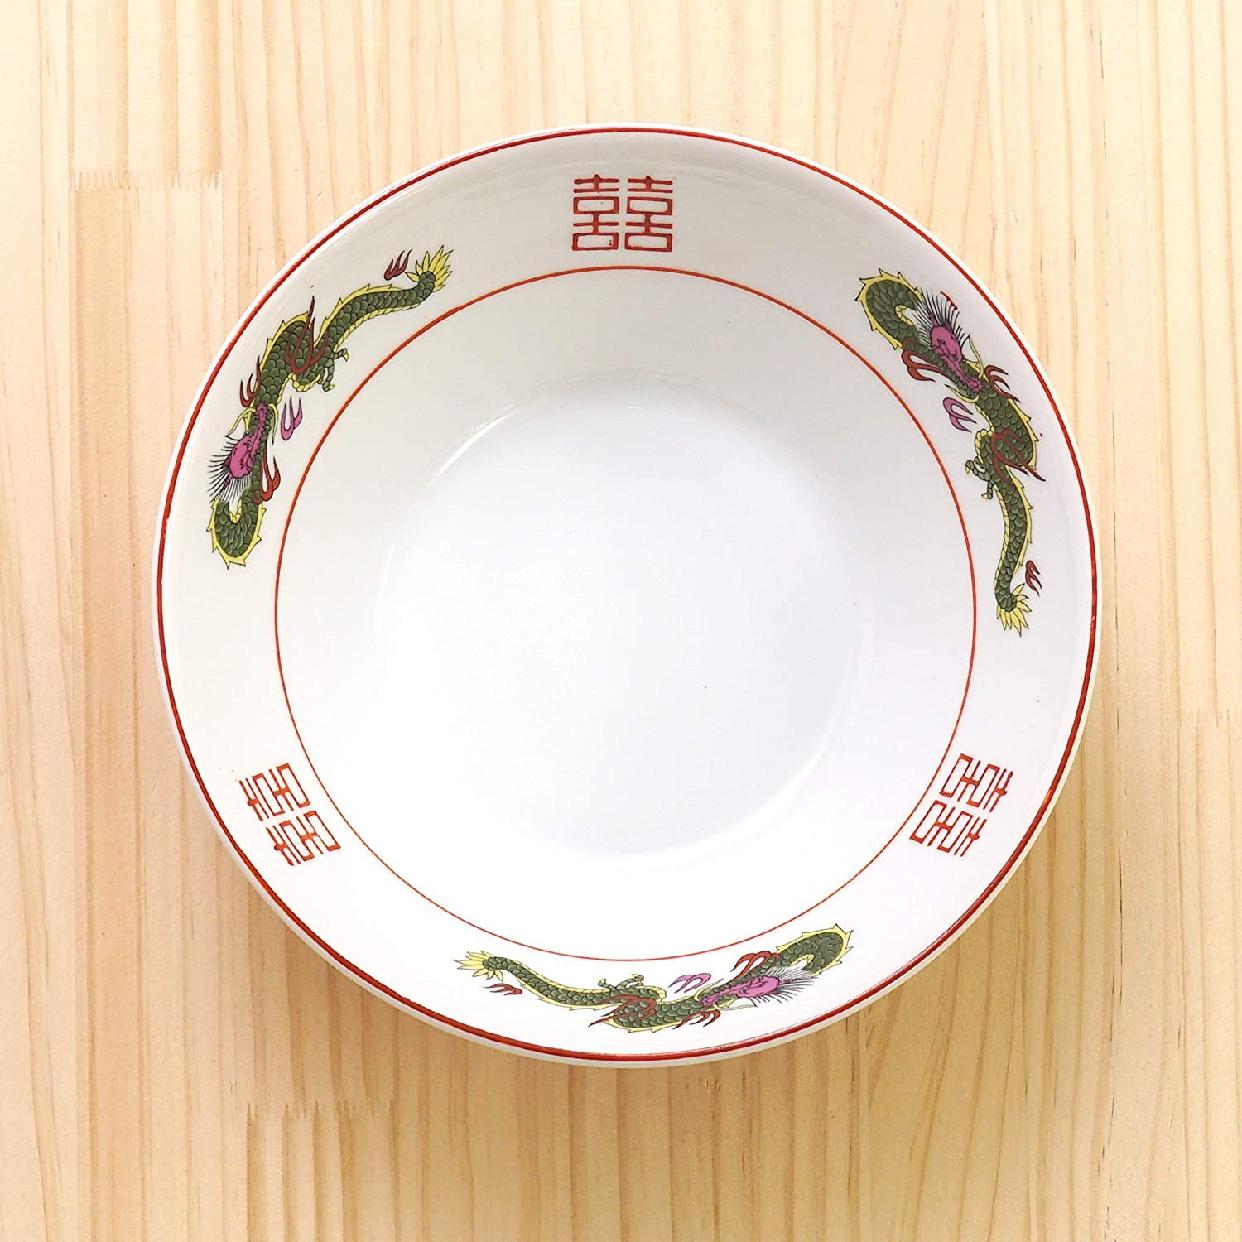 結彩の蔵 赤巻三ツ竜 6.3寸 切立丼 ト682-097 赤の商品画像3